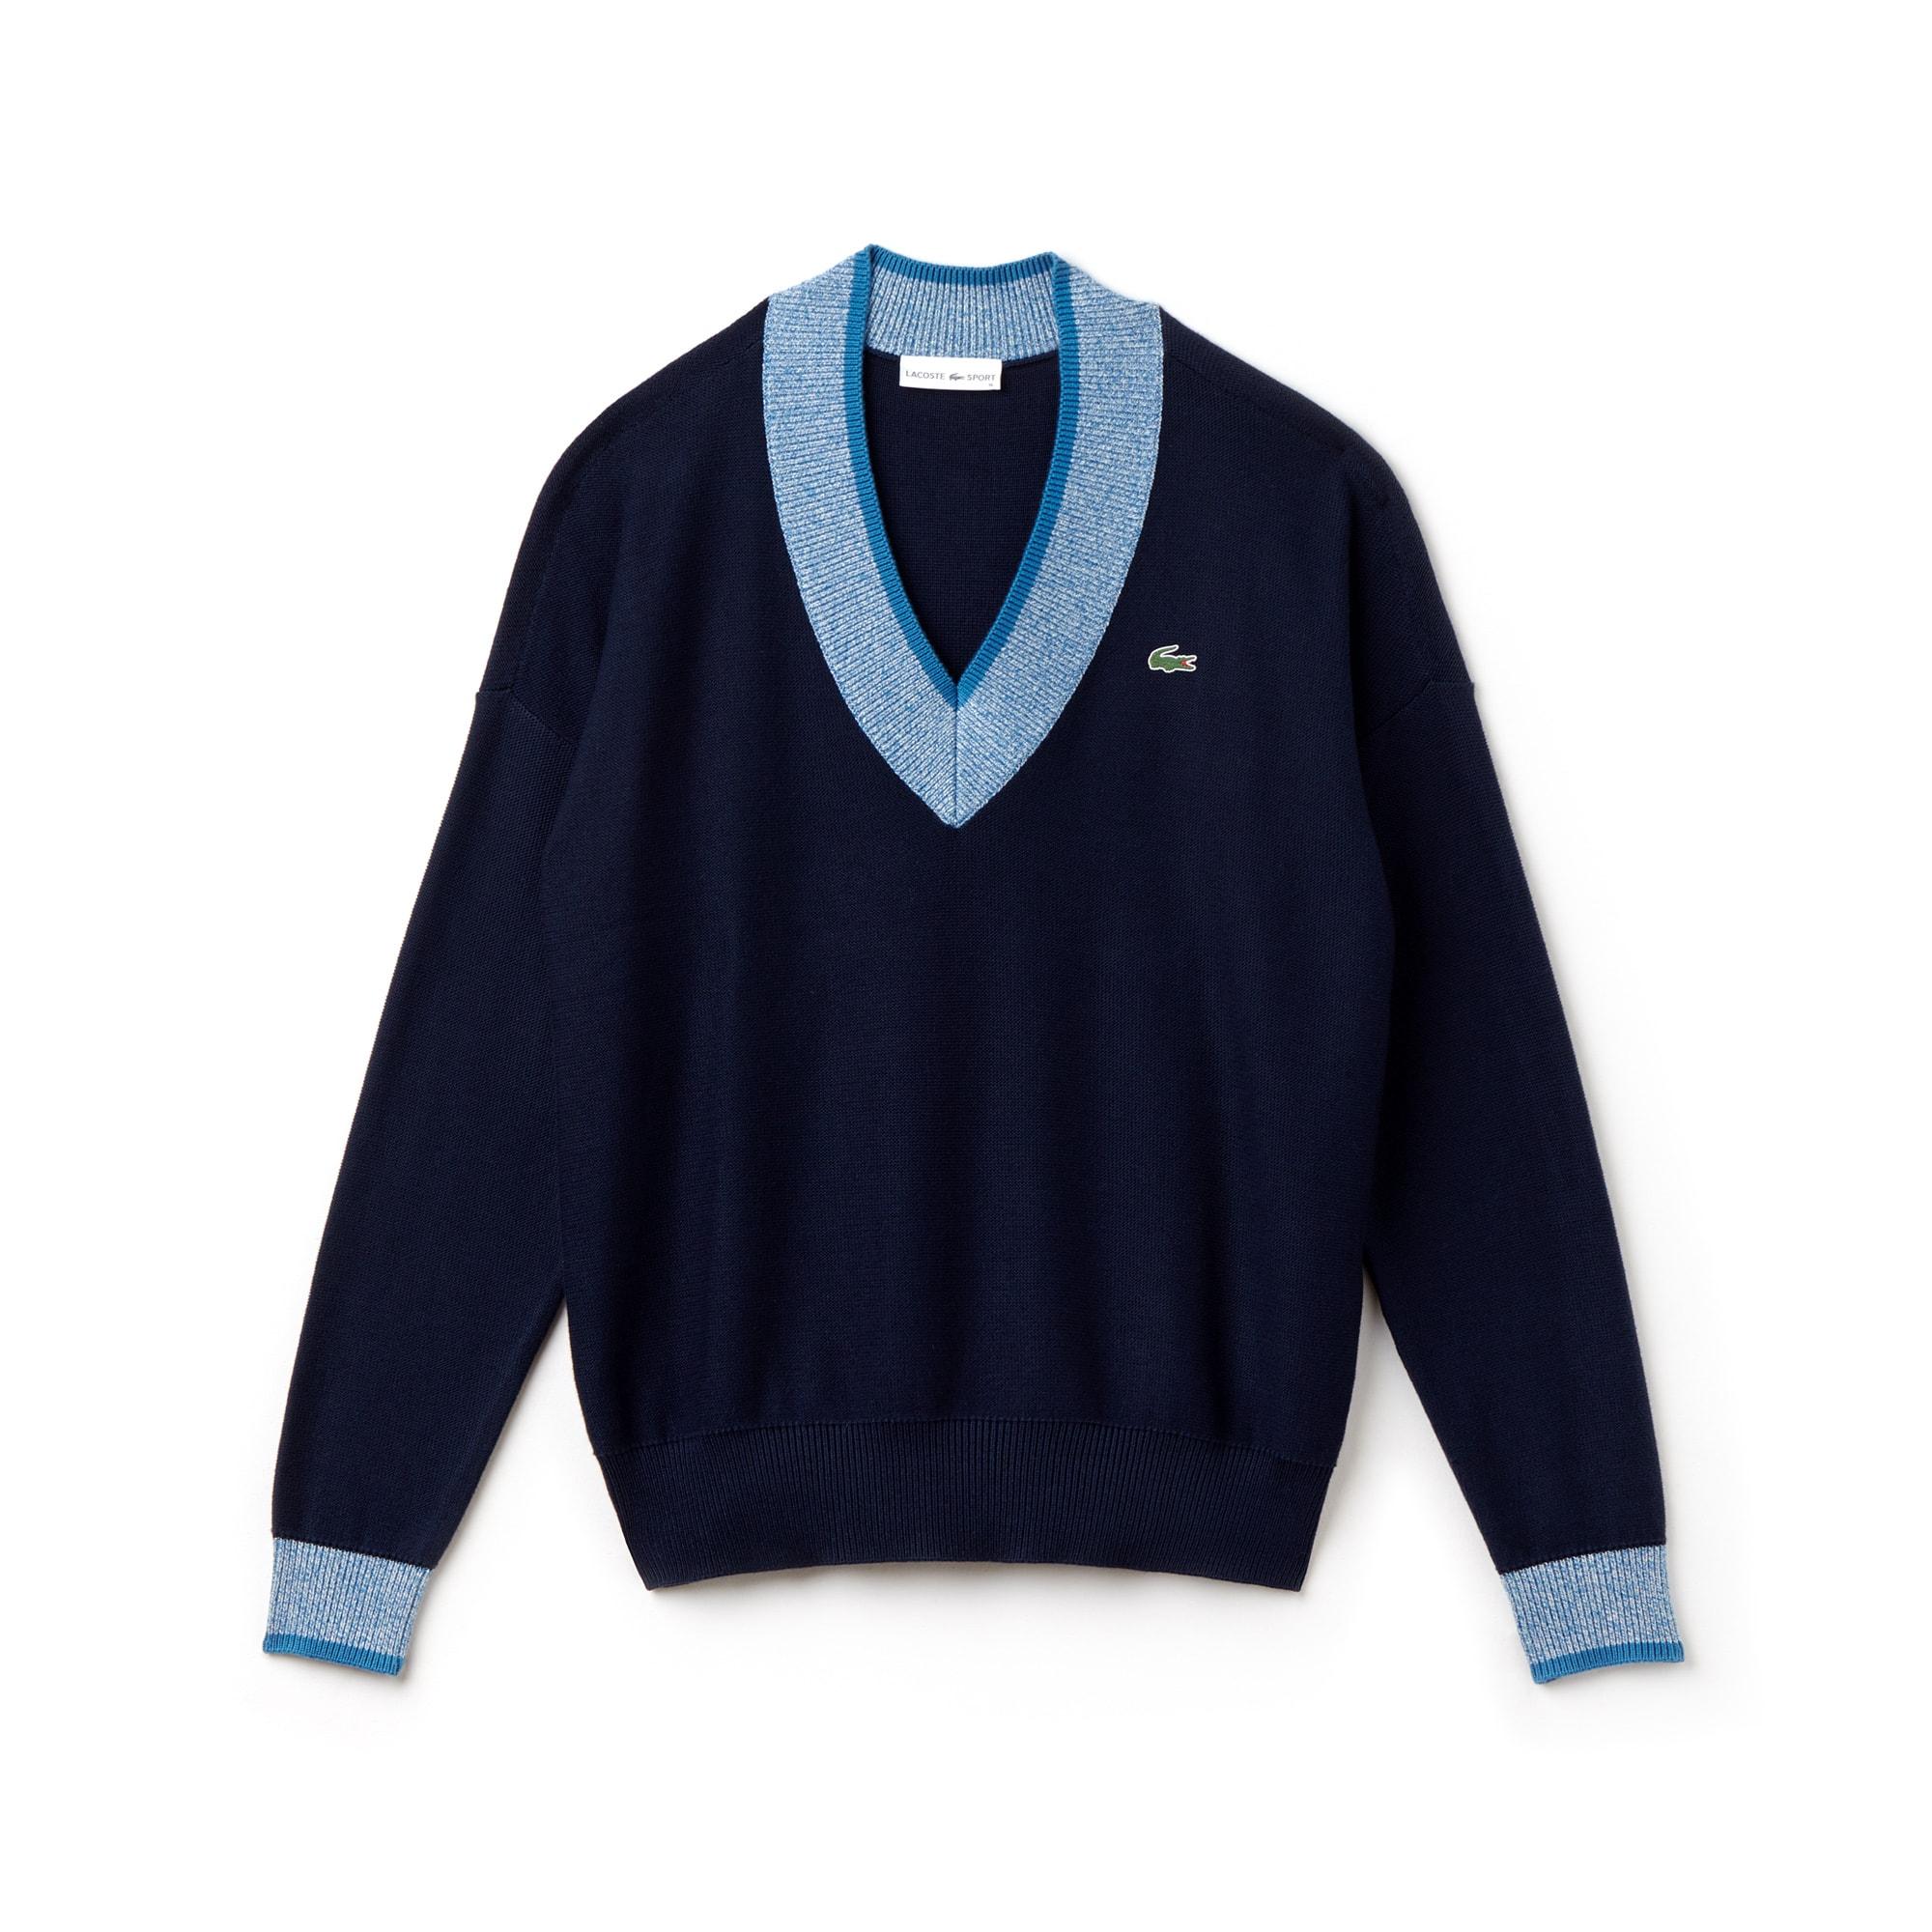 Lacoste SPORT Golf-sweater dames jersey met V-hals en contrasterende afwerking